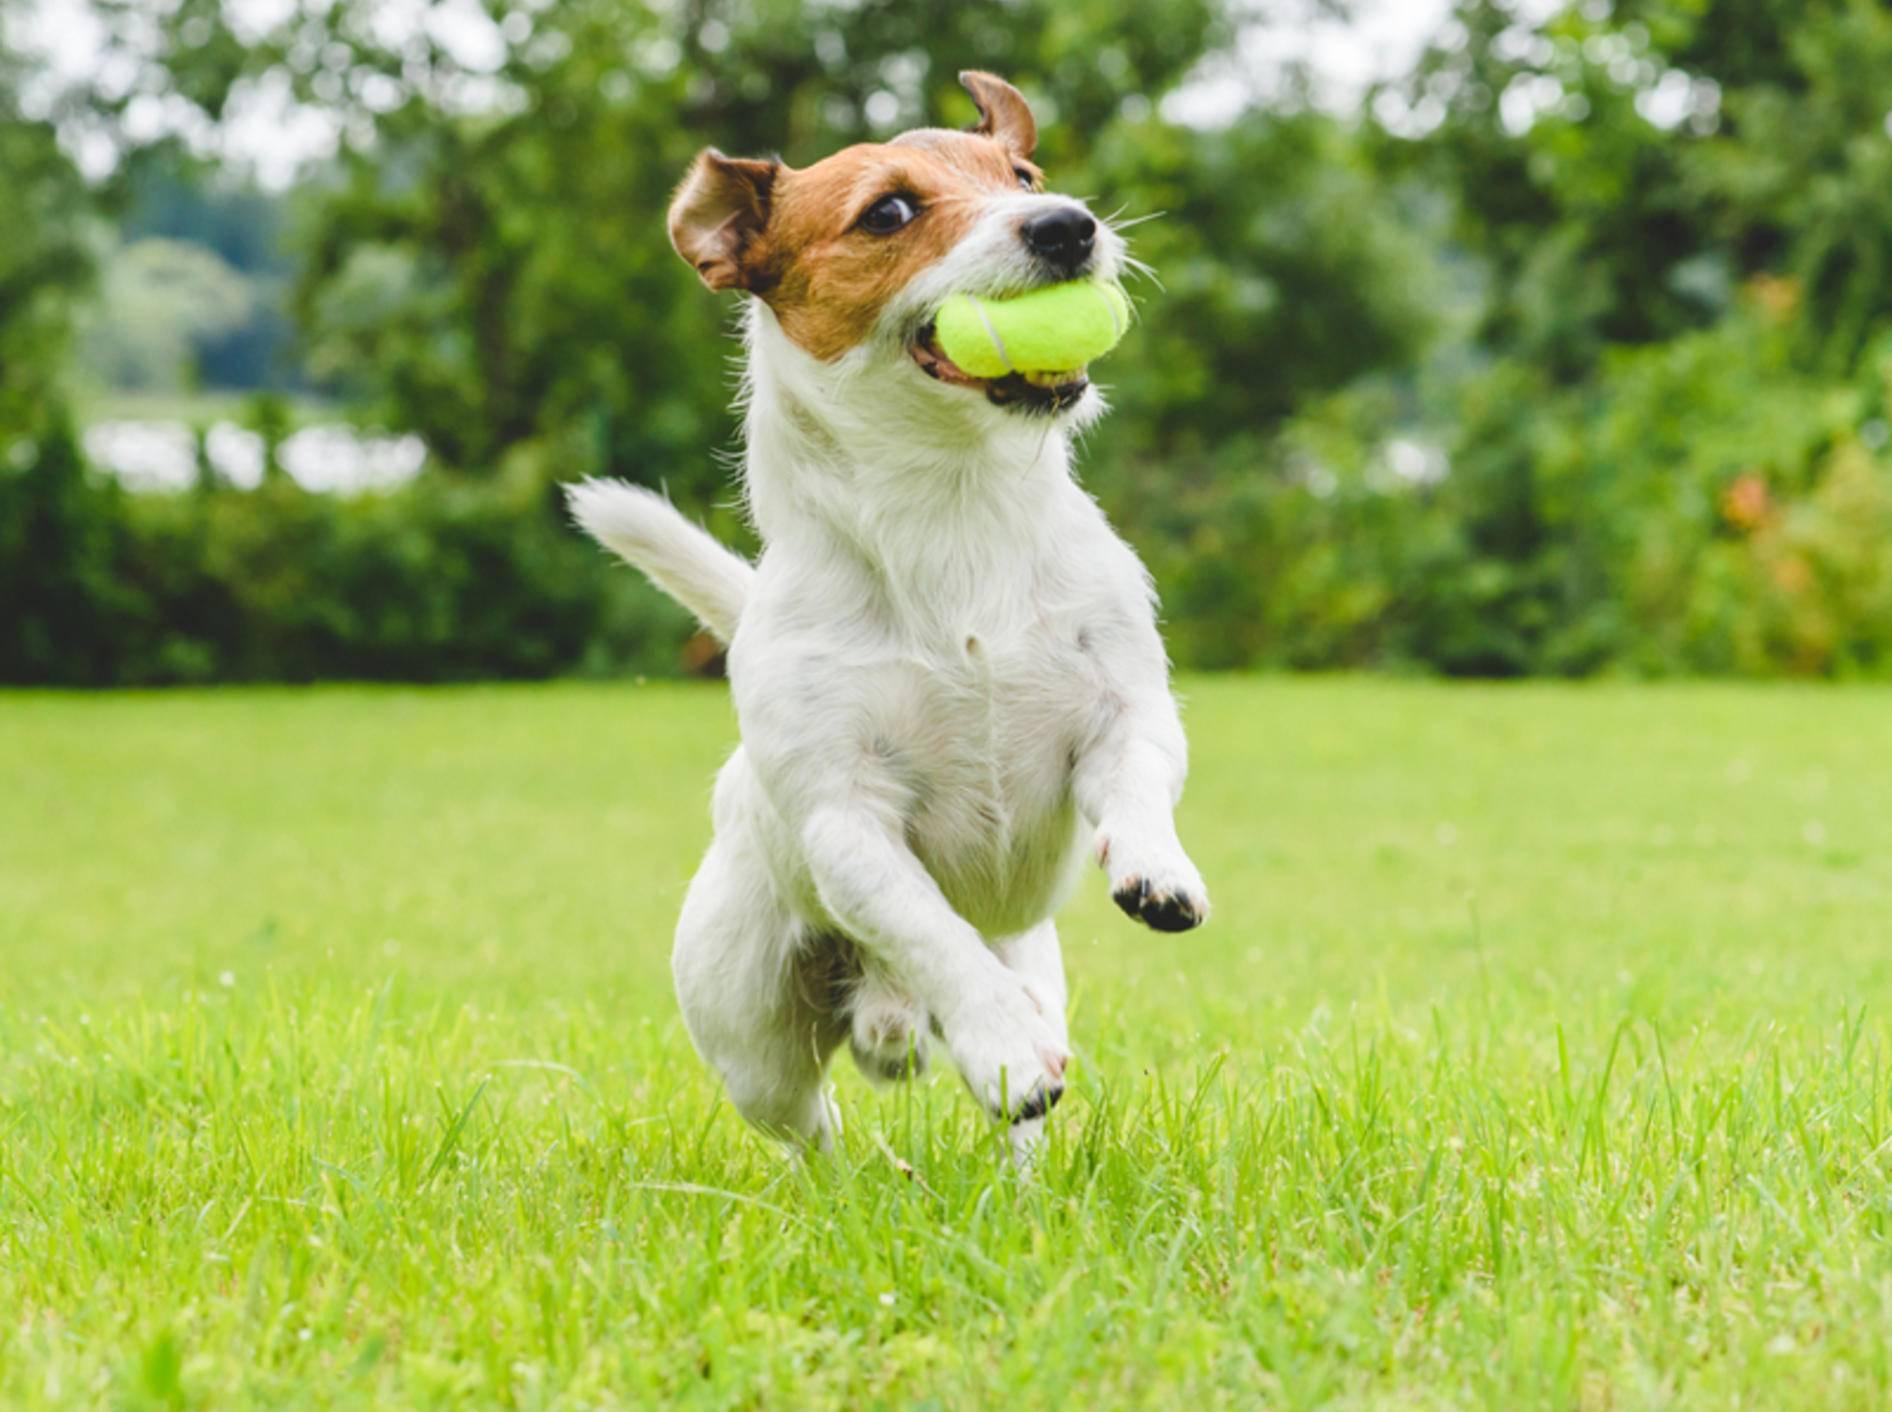 Eine Zerrung beim Hund kann zum Beispiel bei wilden Spielereien zustande kommen – Shutterstock/alexei_tm